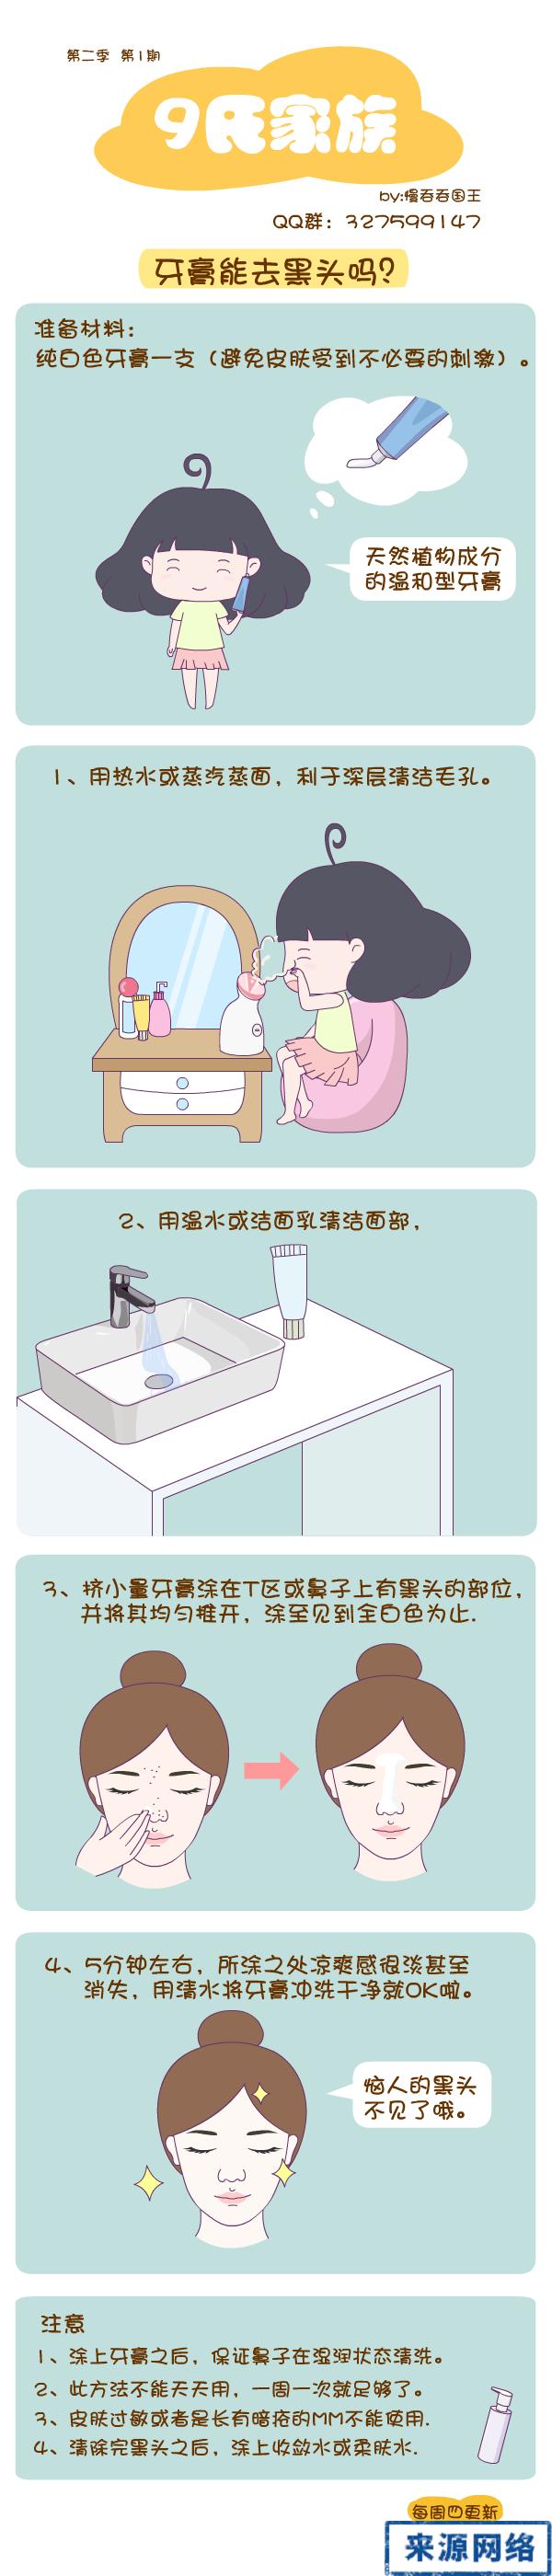 牙膏的妙用 牙膏能去黑头吗 牙膏去黑头注意事项